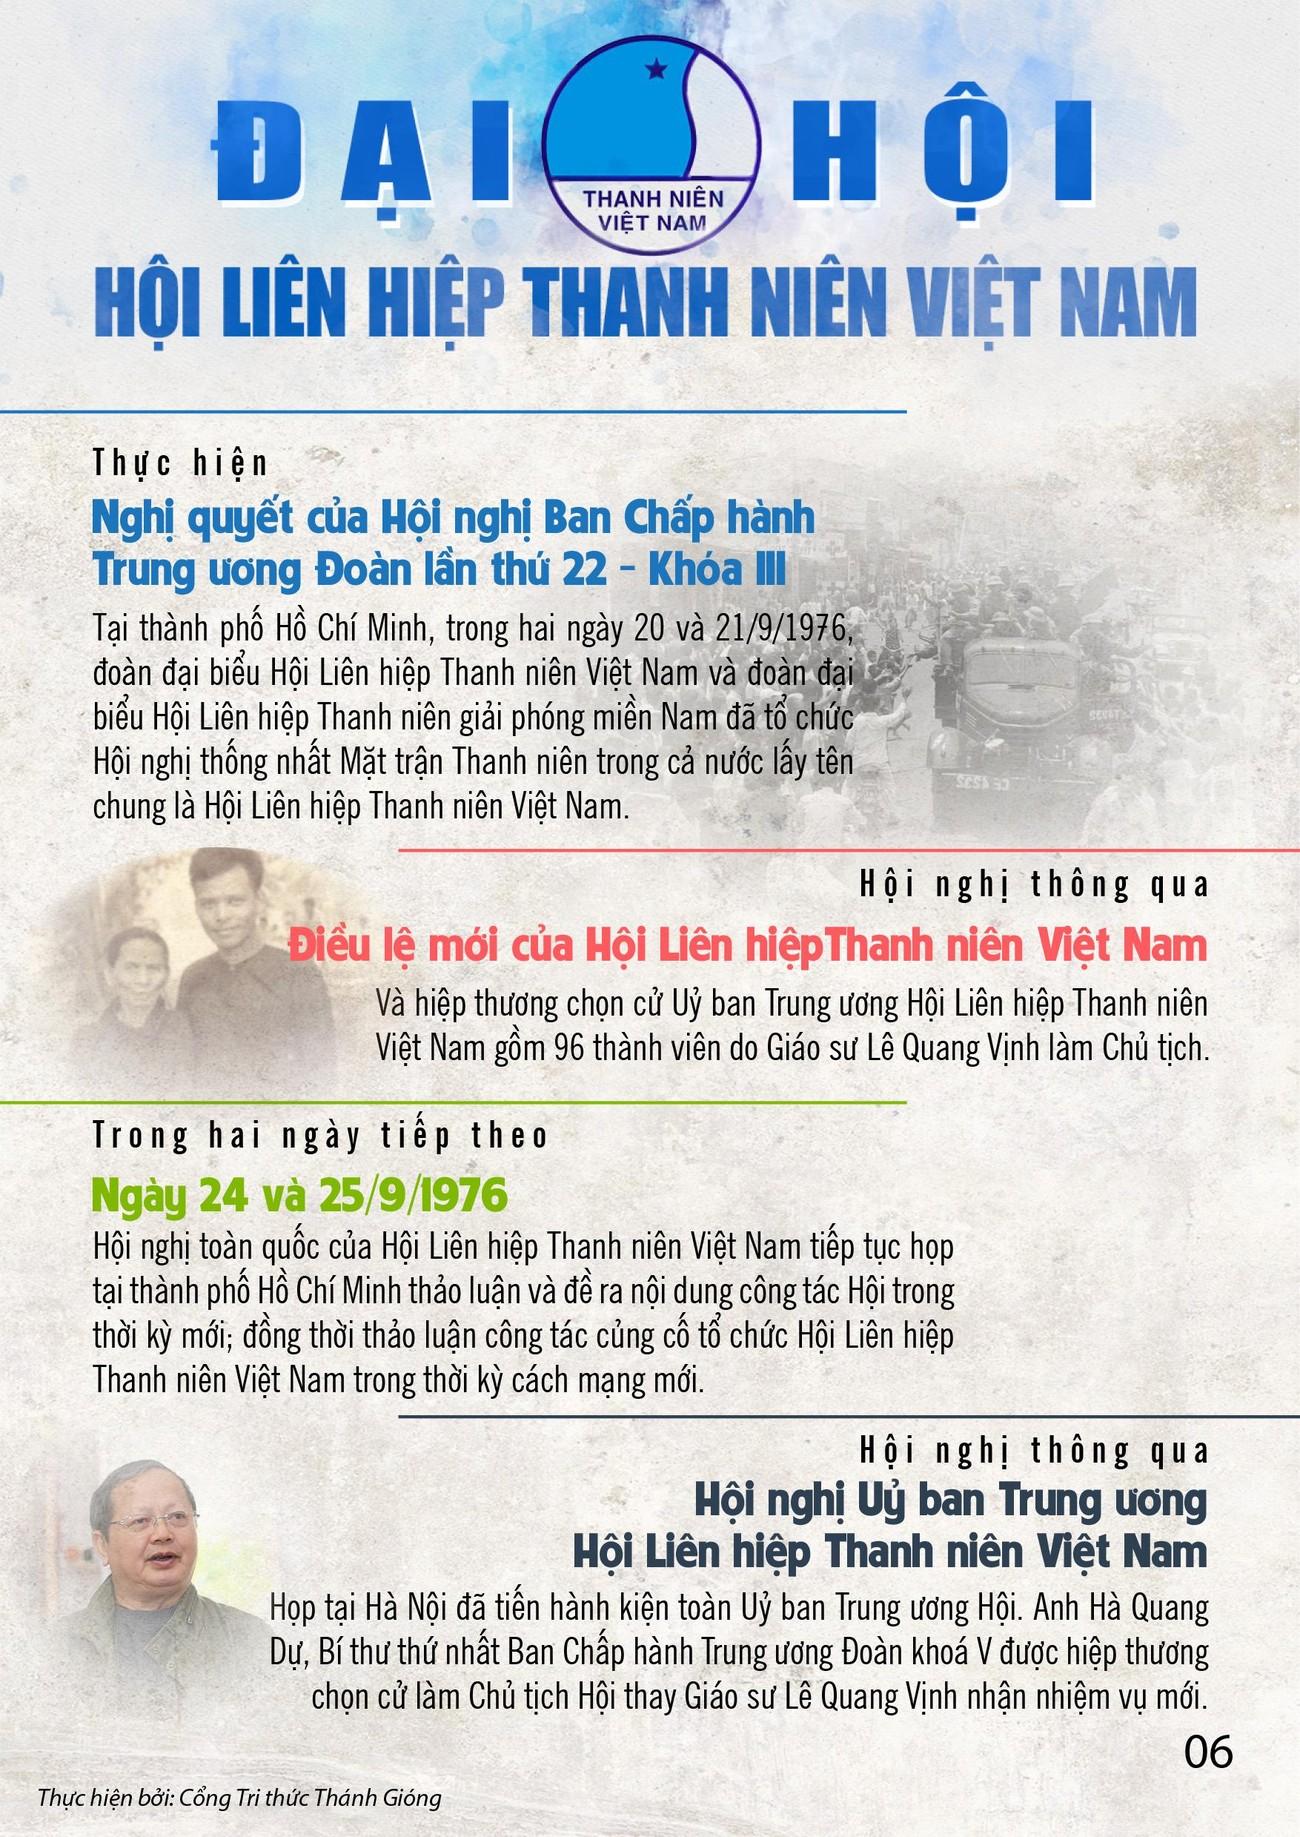 Các kỳ Đại hội toàn quốc Hội LHTN Việt Nam ảnh 6